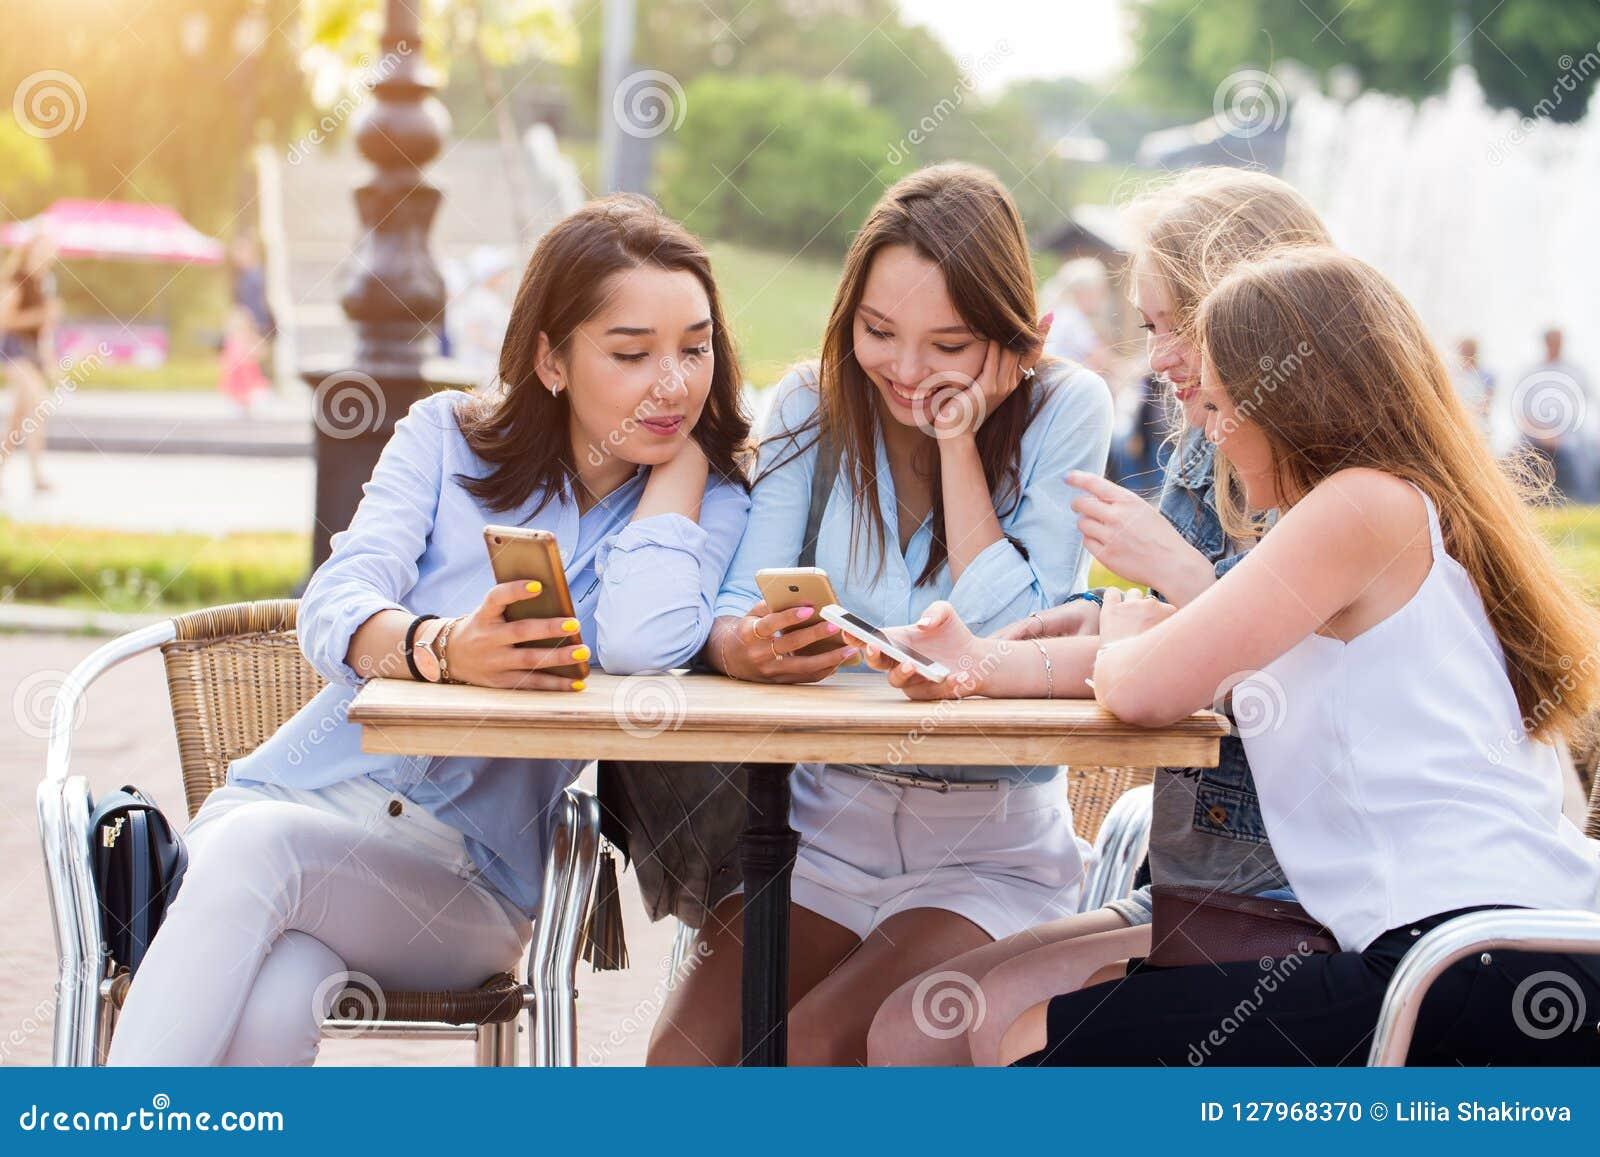 Молодые счастливые девушки студента используют smartphones в парке